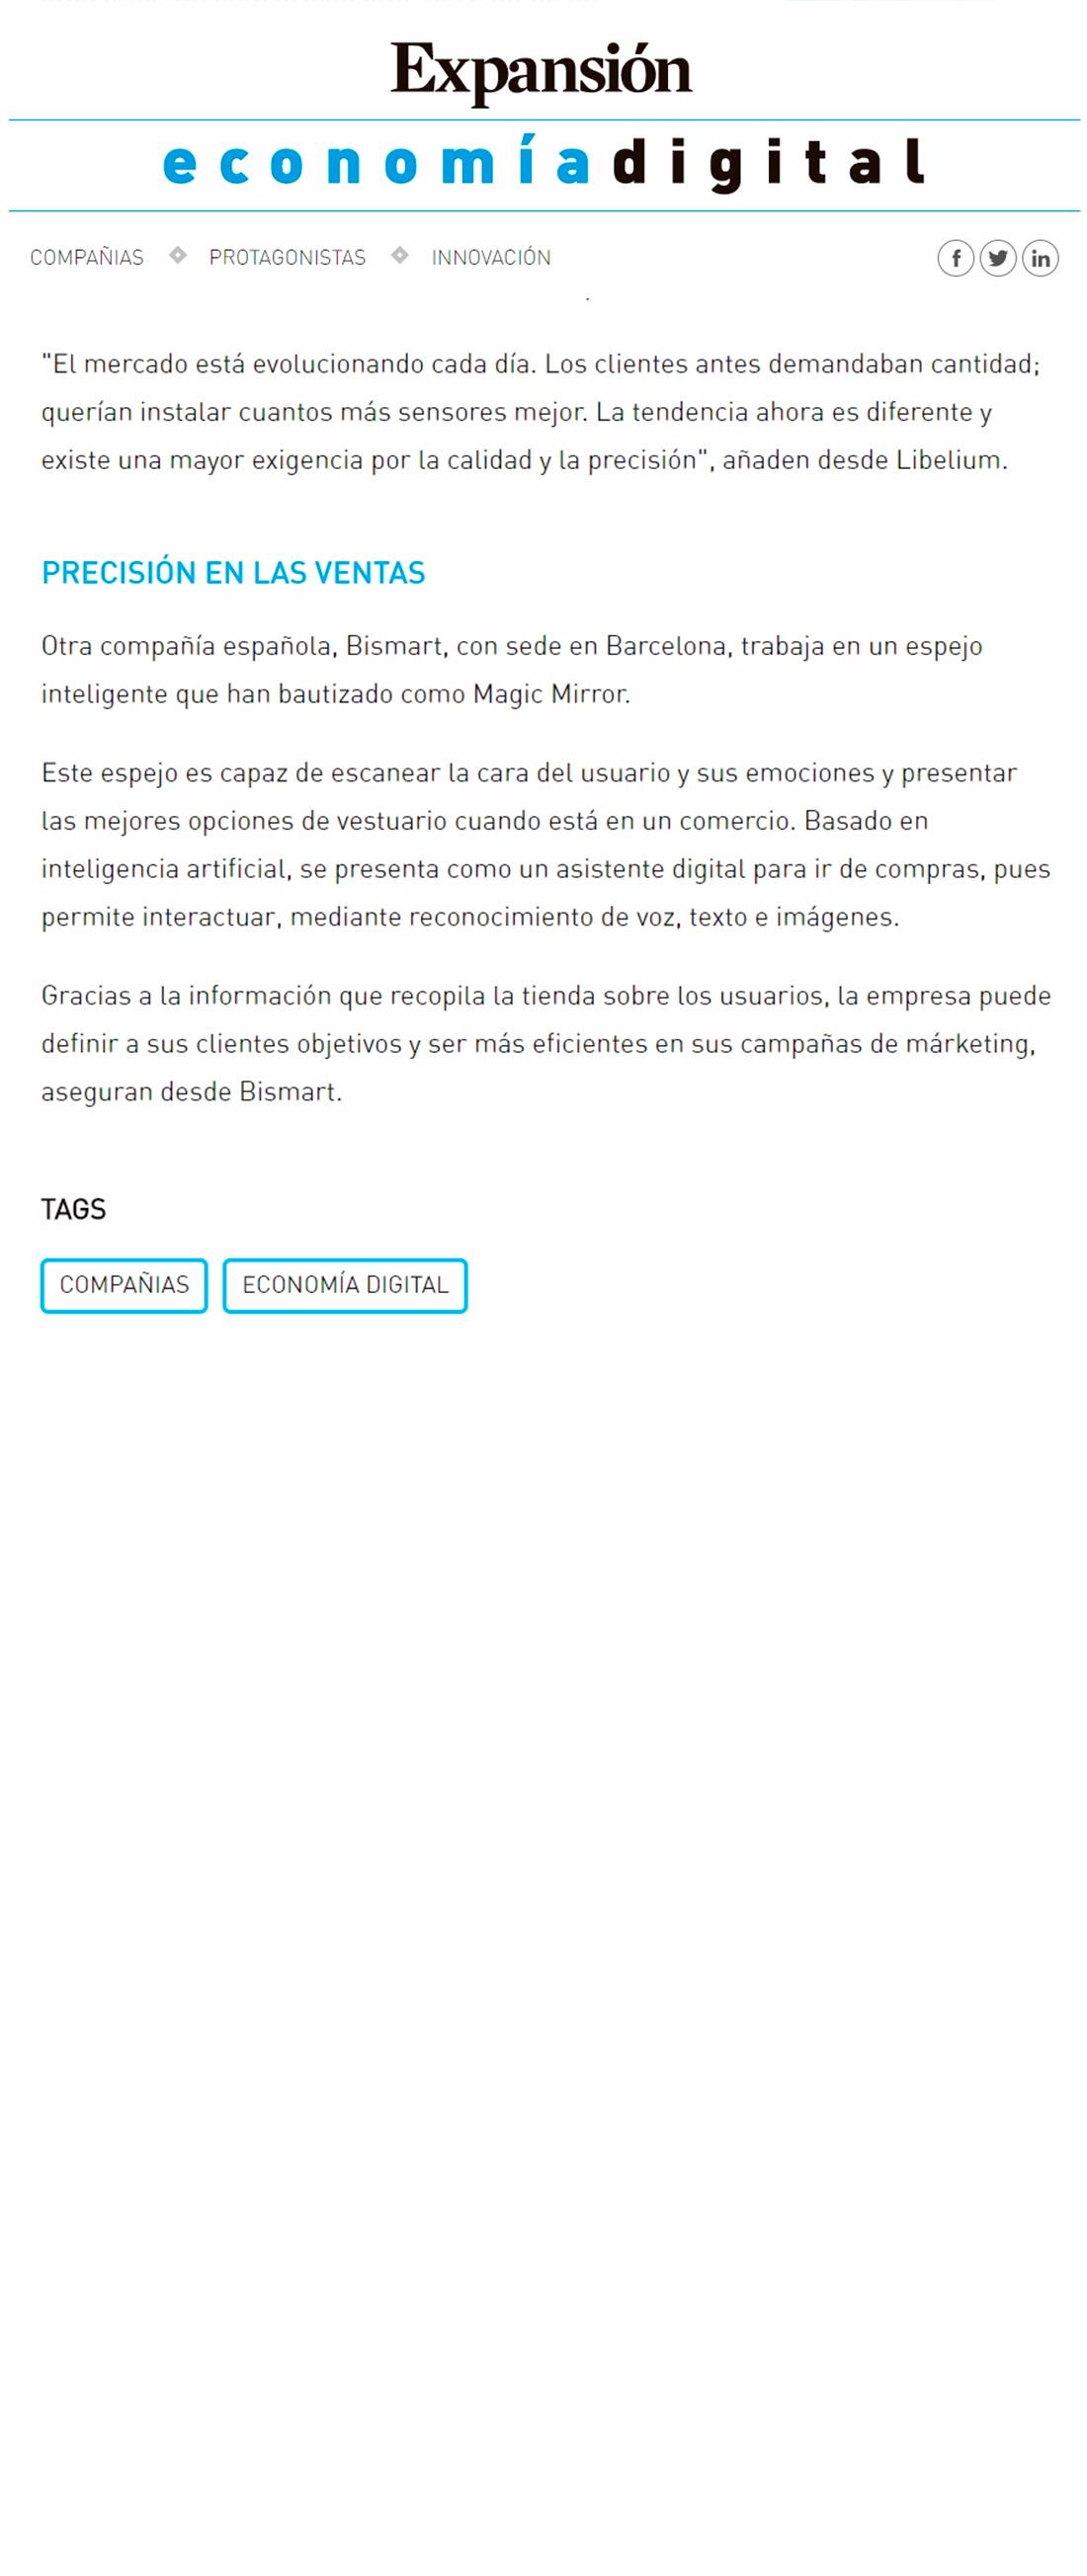 Expansión – Internet de las Cosas con sello 'made in Spain'